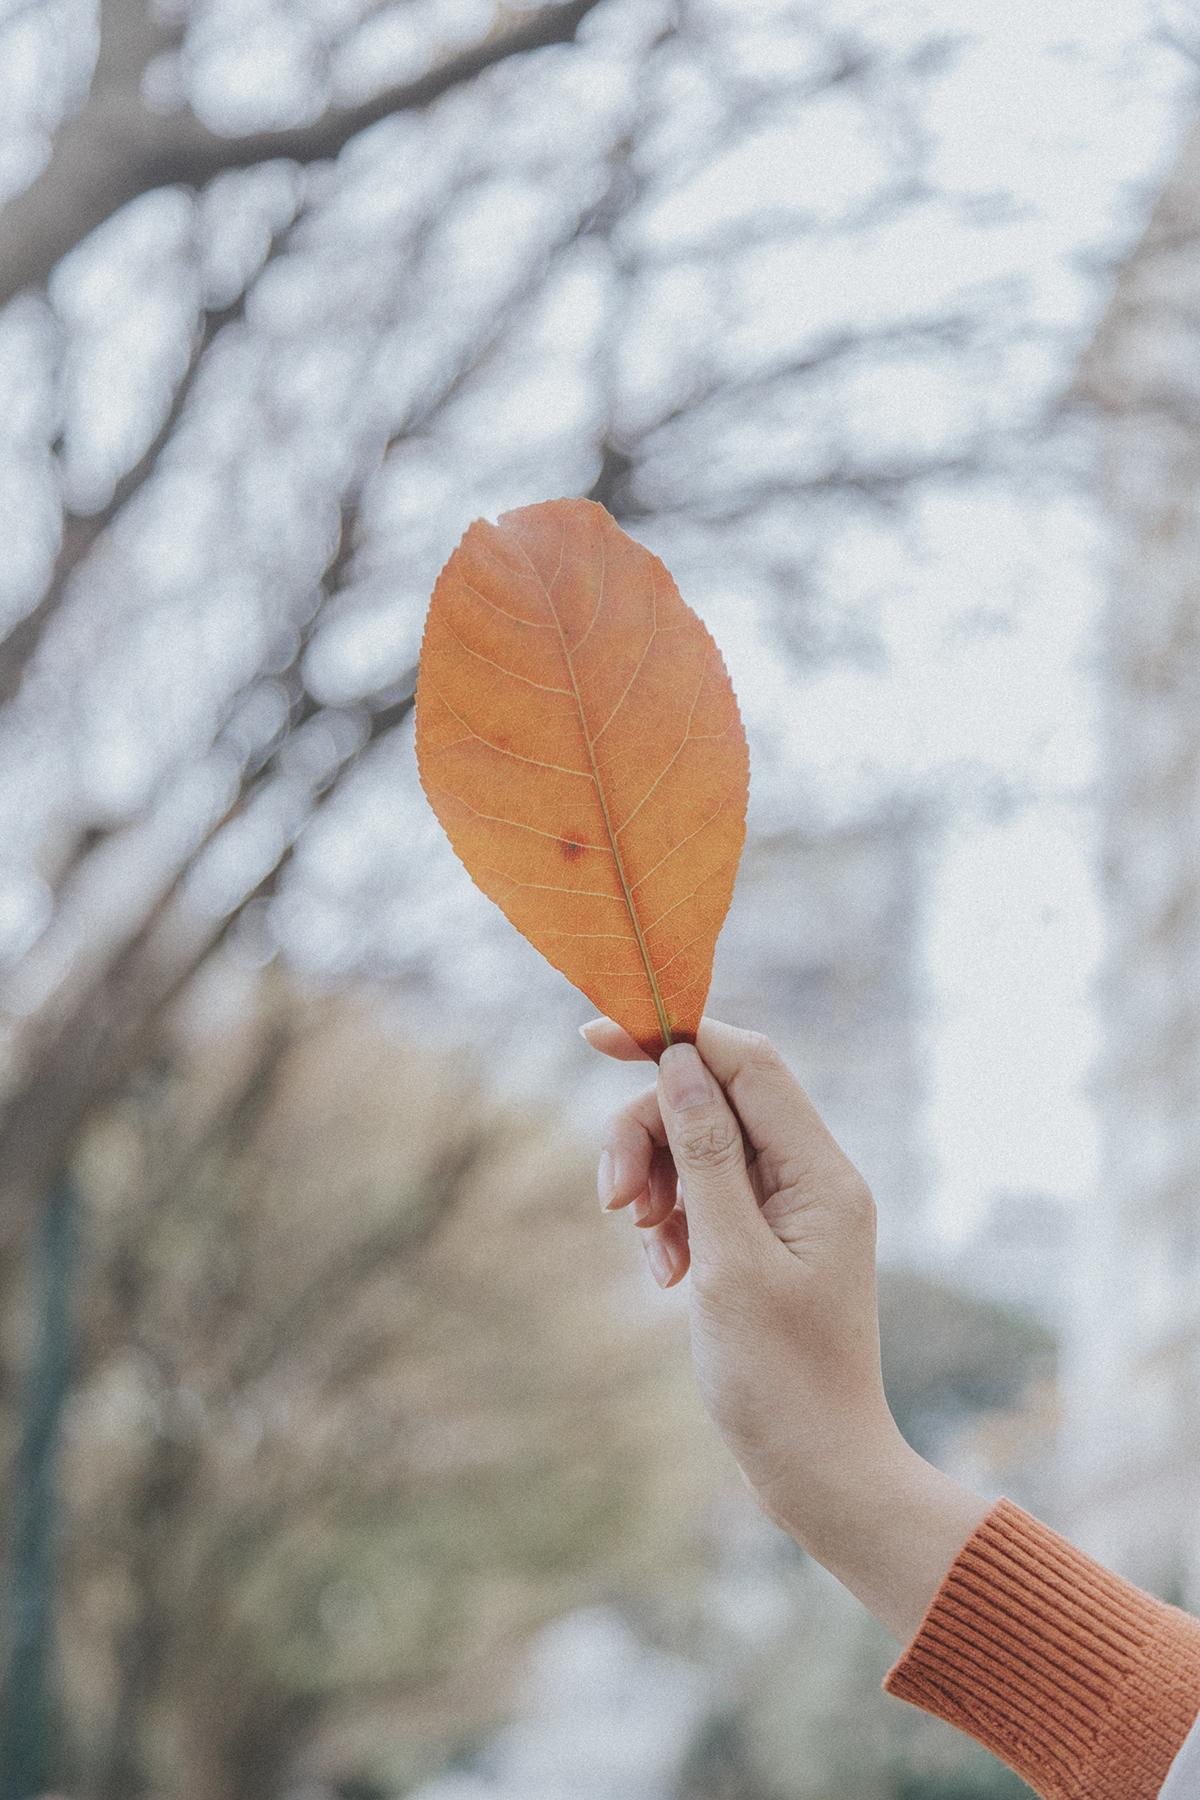 Những mùa hoa nối tiếp nhau đi qua, những mùa lá rụng cũng theo mùa về như một quy luật tất yếu. Tháng 3, lang thang trong cái nắng giòn tan đầu mùa, bàn chân bước qua những vạt lá khô nghe sột soạt, lòng tự hỏi: Hình như Hà Nội mùa nào cũng đẹp và nên thơ như thế, có phải không?